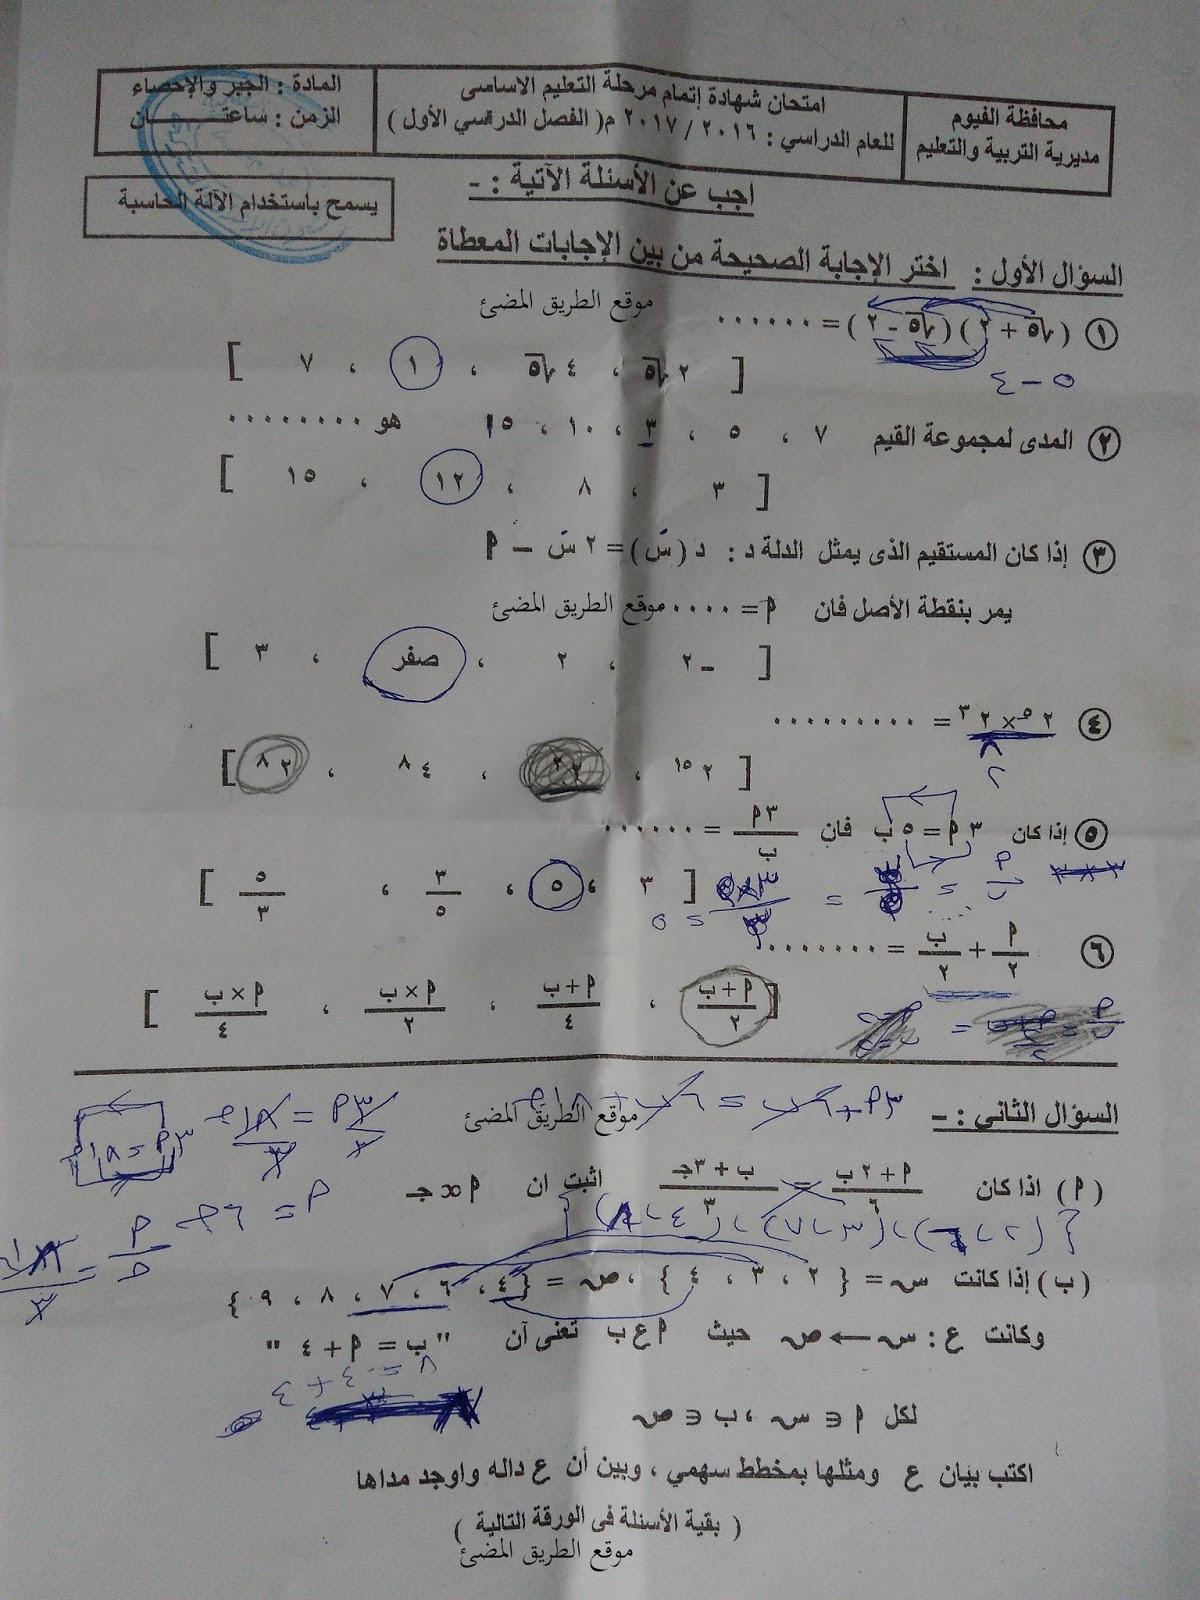 امتحان نصف العام الرسمى فى الجبر والاحصاء محافظة الفيوم الصف الثالث الاعدادى 2017.